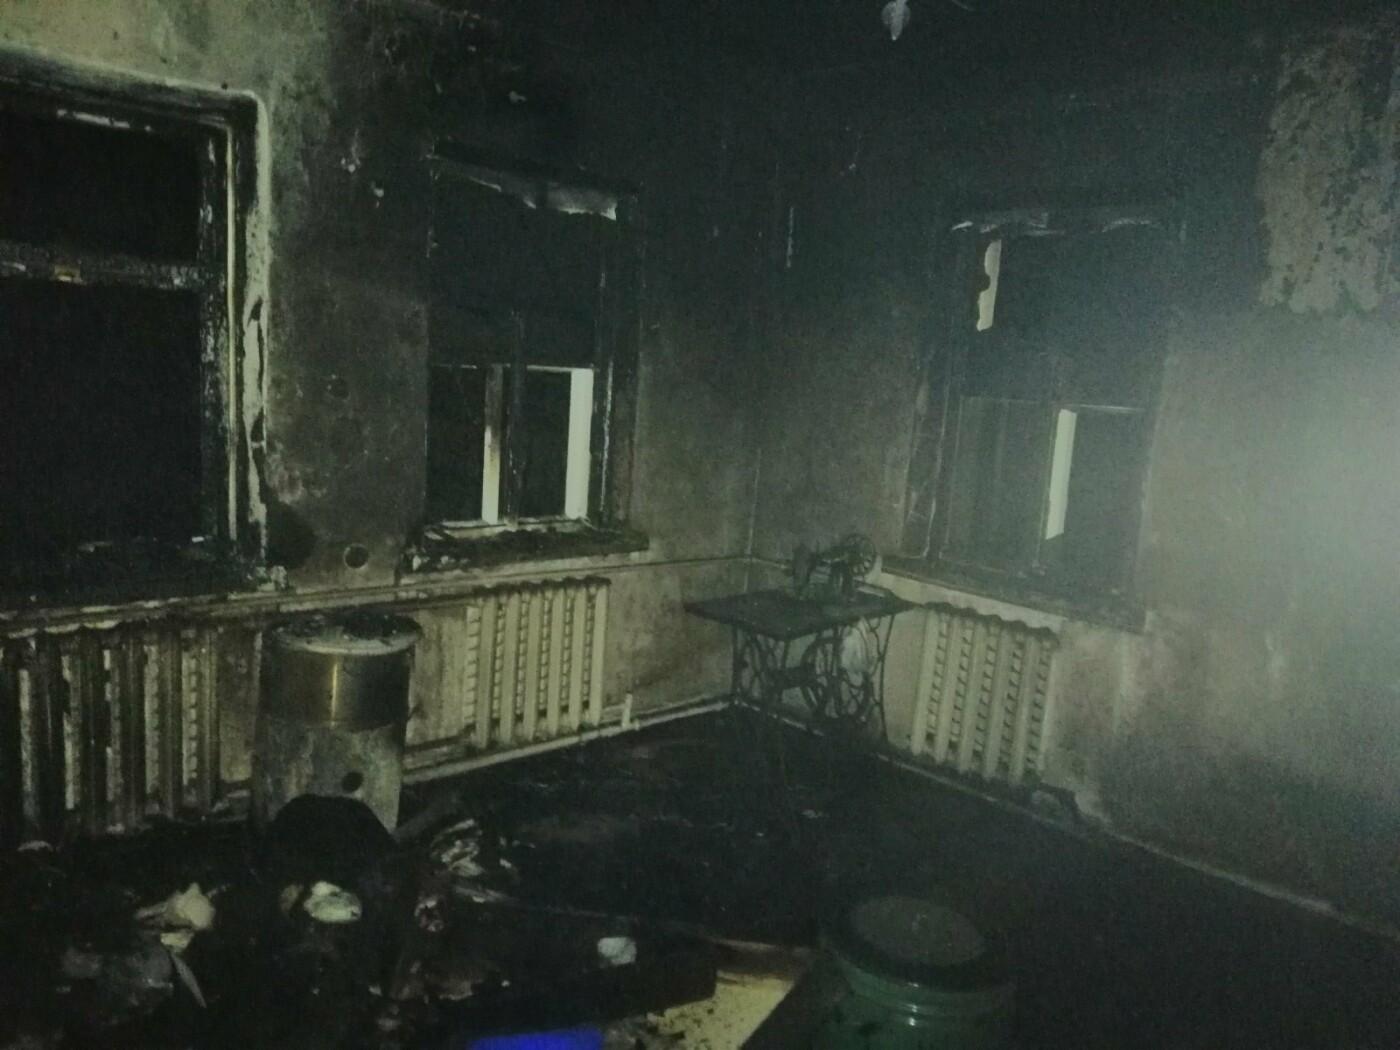 Под Харьковом при тушении пожала спасатели обнаружили тело пенсионерки, - ФОТО, фото-4